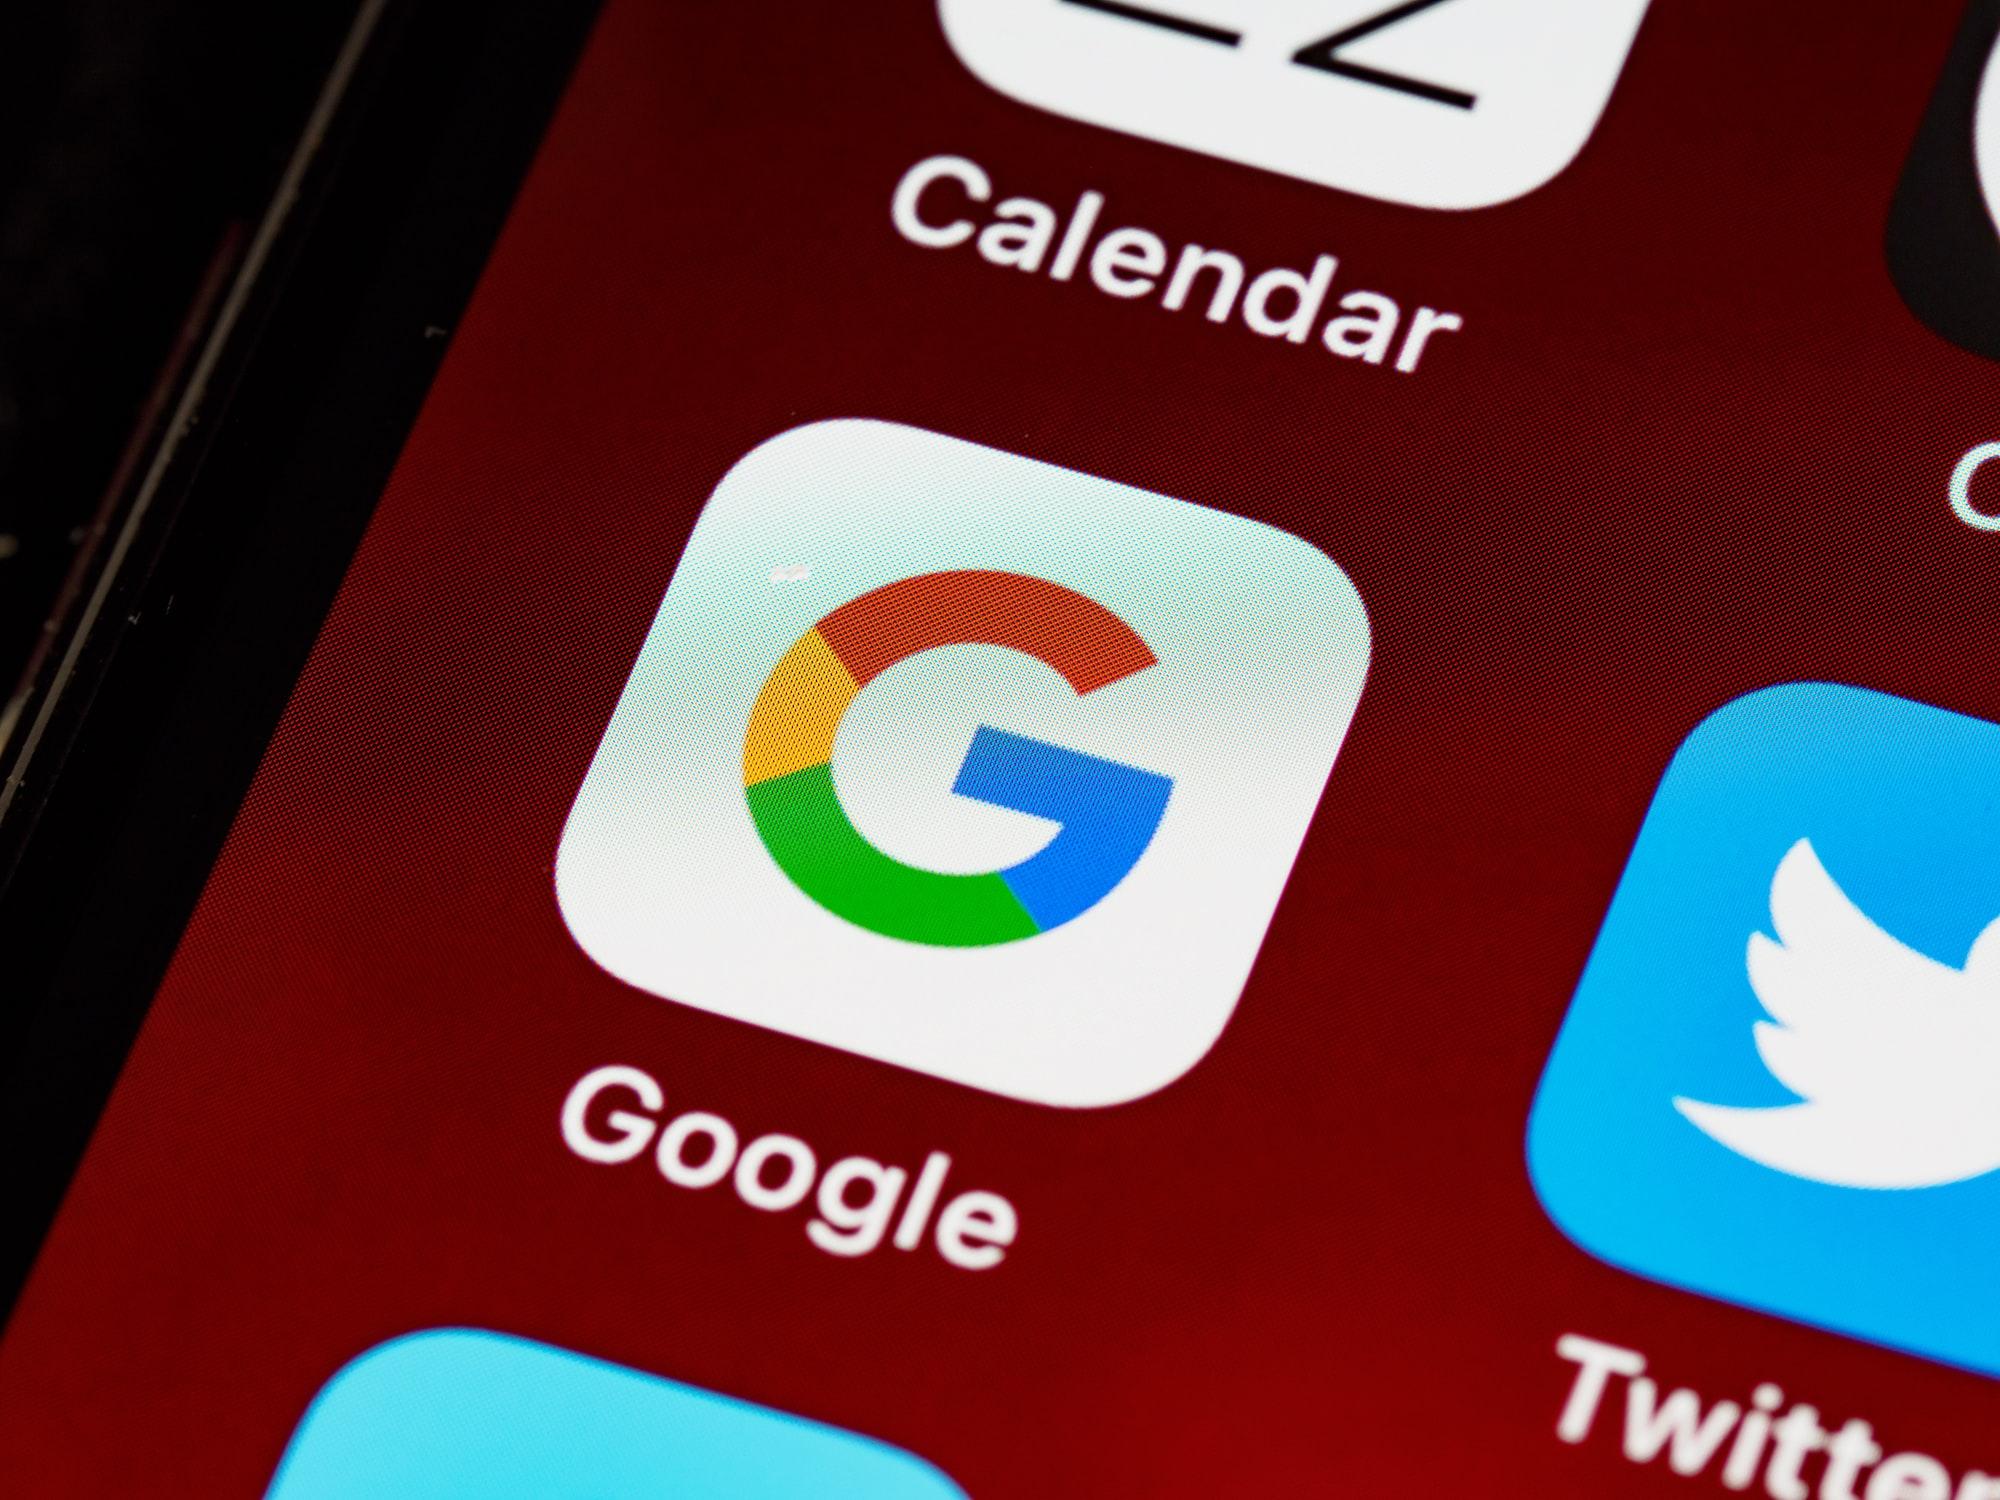 Android Auto: Google está remplazando la app por Google Assistant